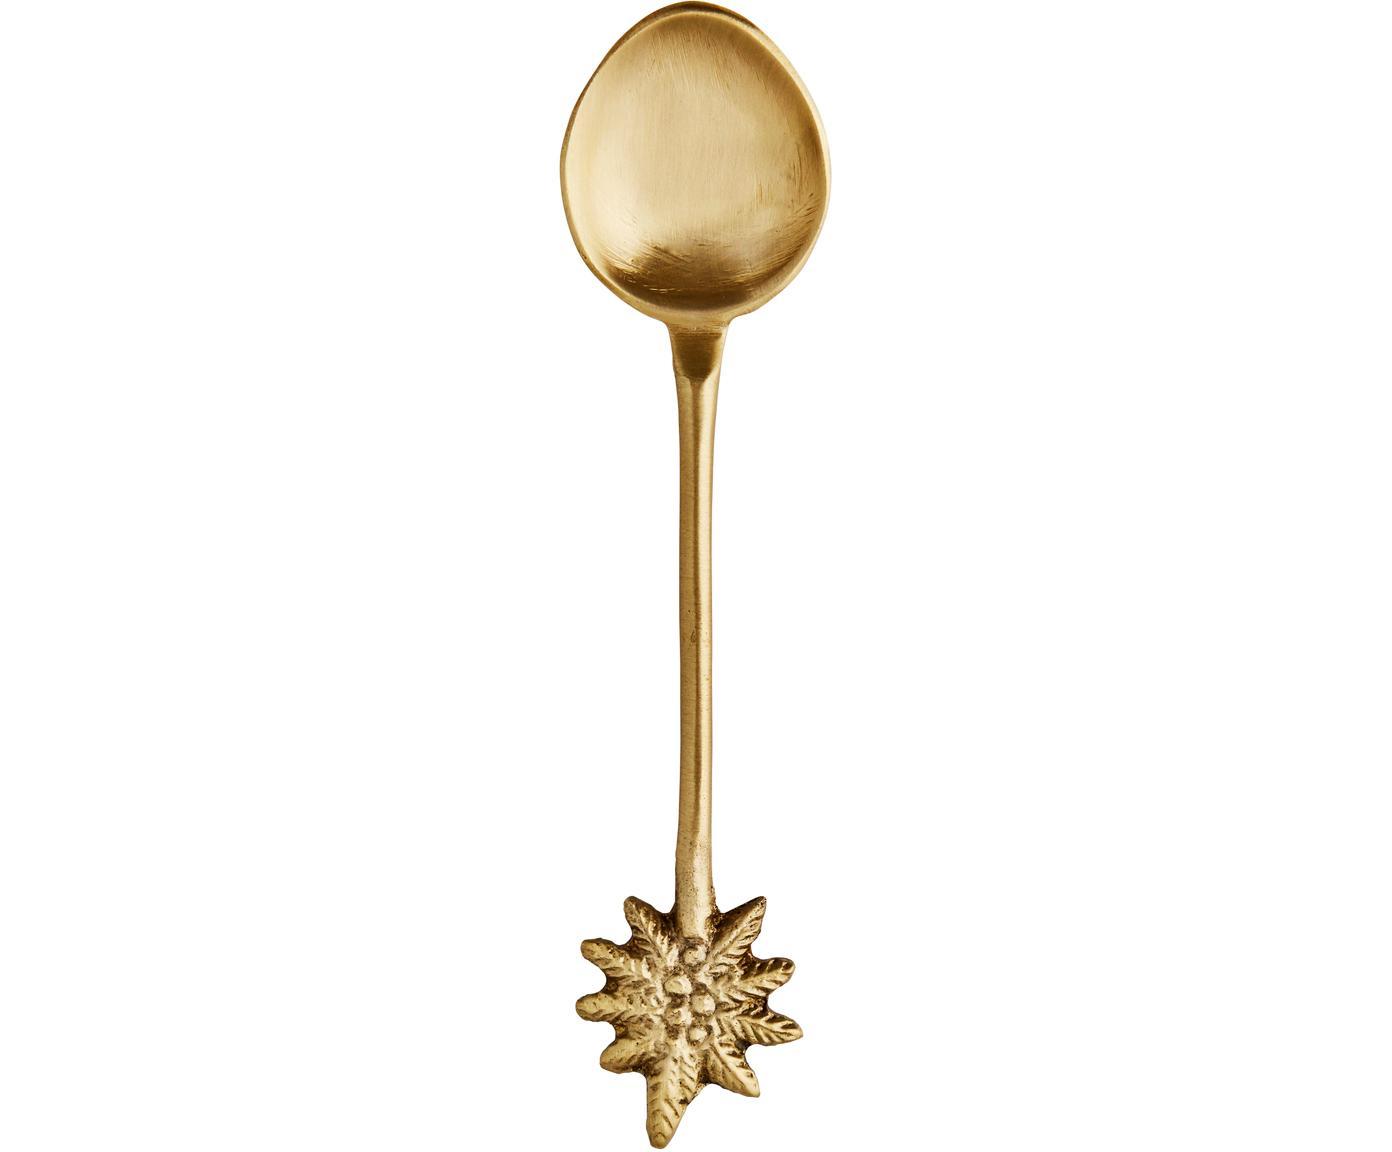 Cucchiaio in ottone color oro Mali, Ottone, Ottone, Lung. 11 cm